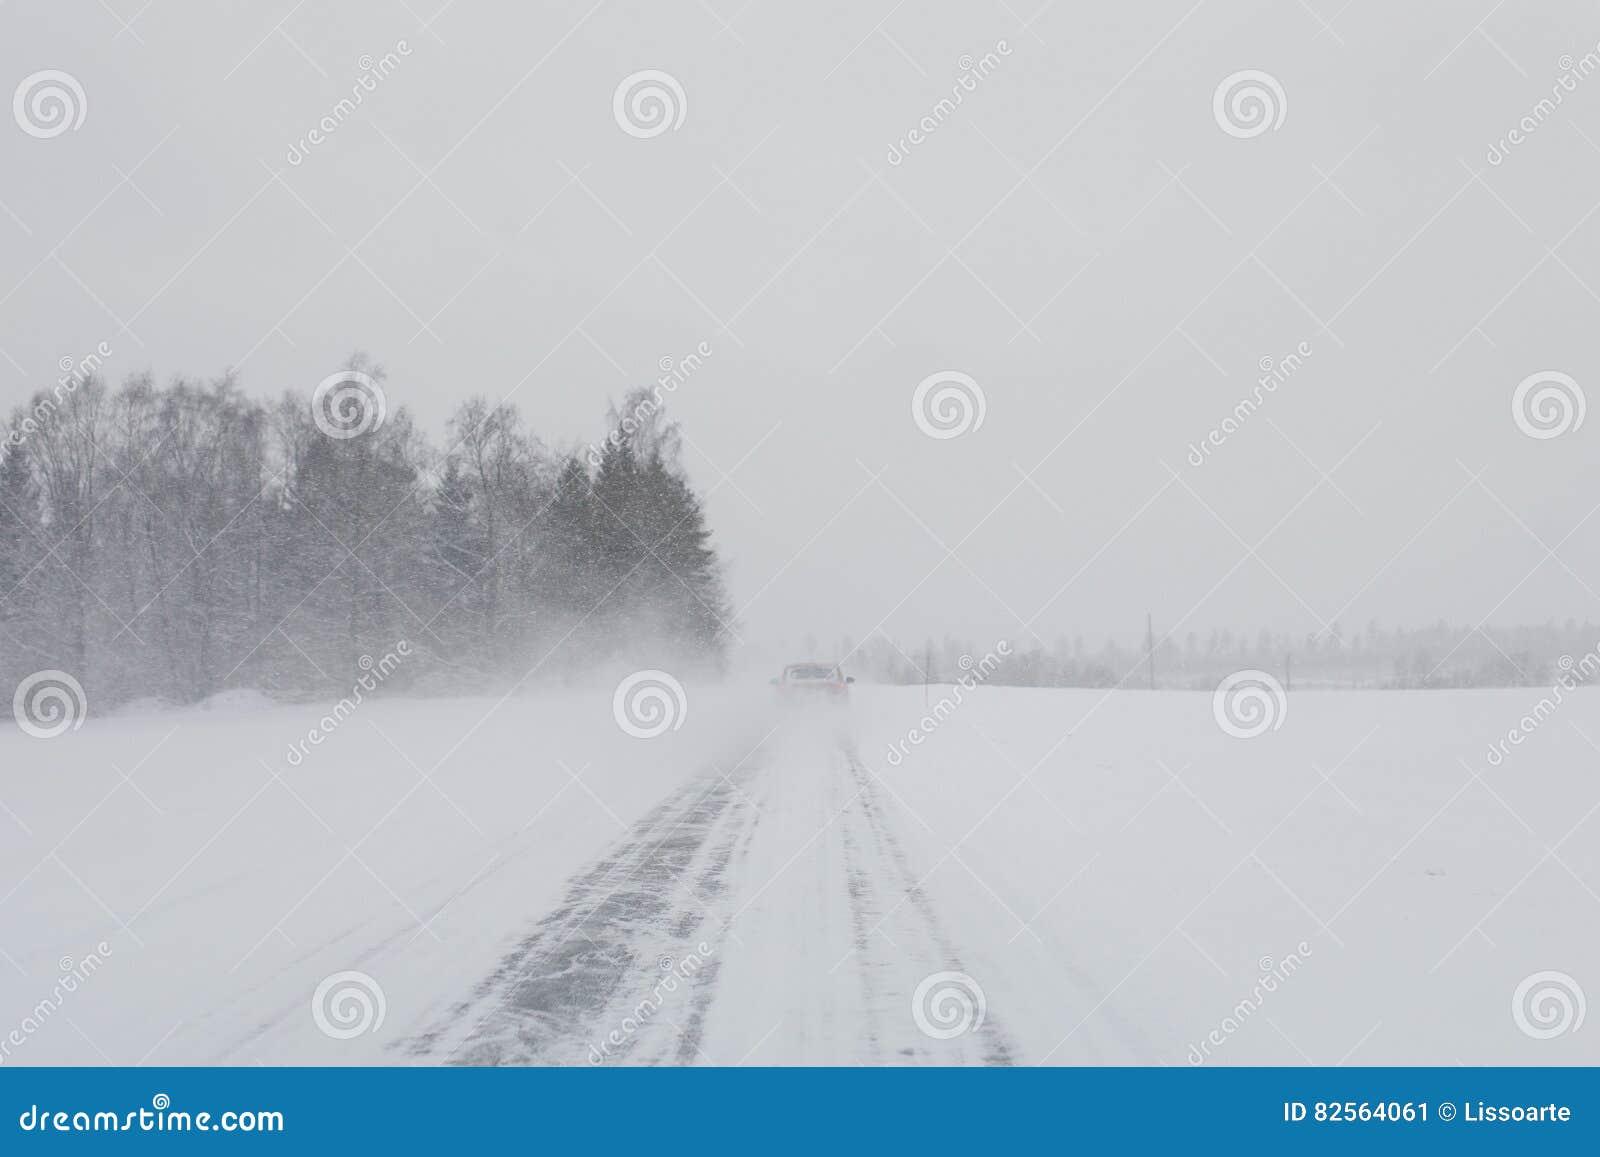 Автомобиль в шторме снега